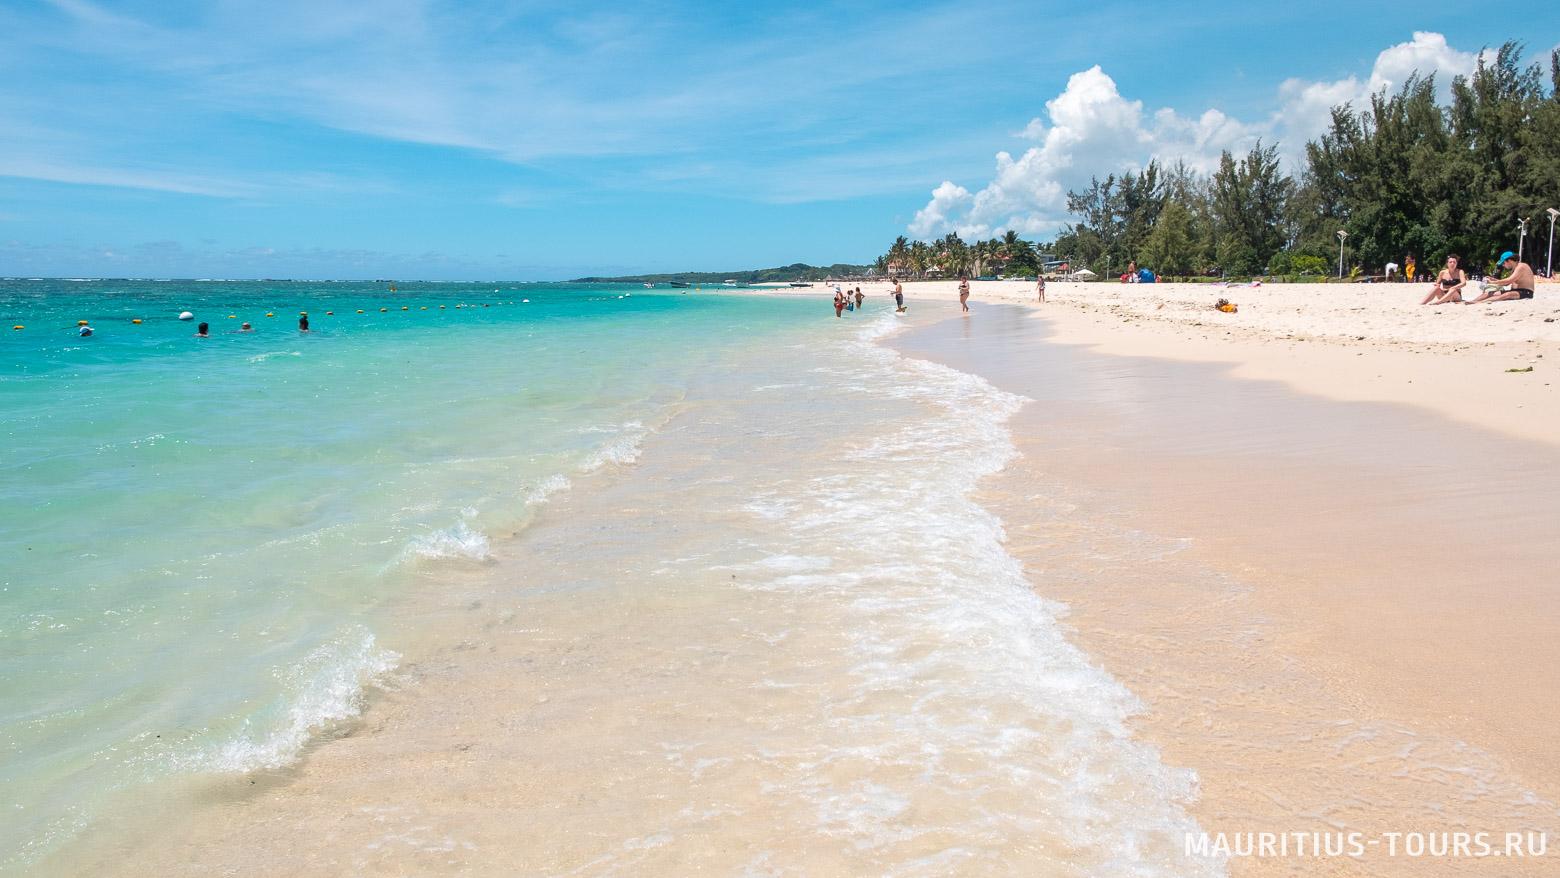 Говорят, Флик-н-Флак - лучший пляж на Маврикии